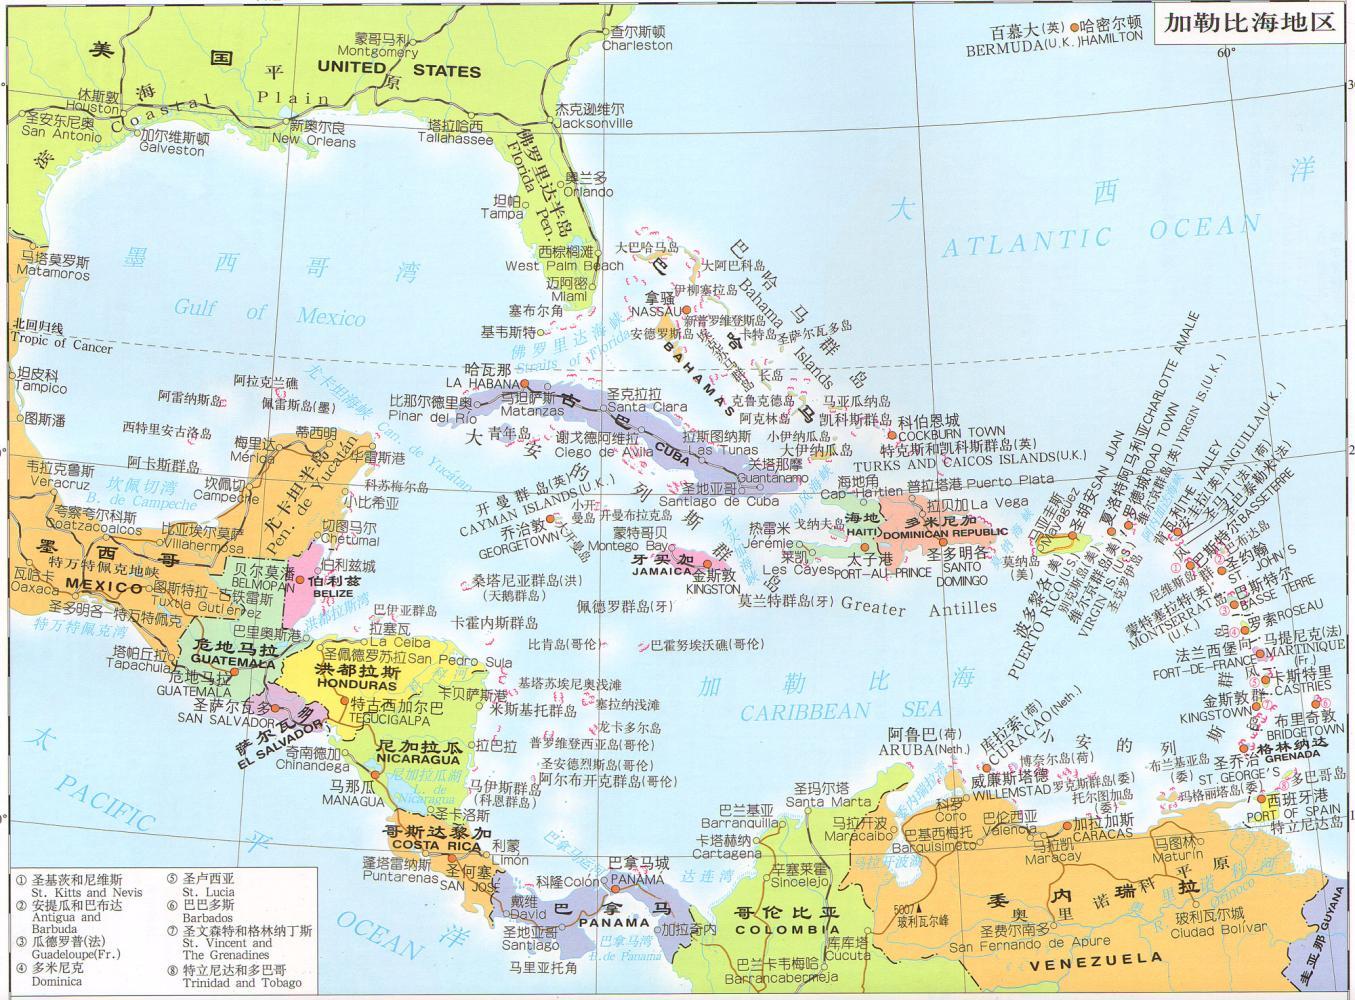 """1950年,美国宣布关岛为其""""未合并领土"""",成为美军在西太平洋军事存在的"""